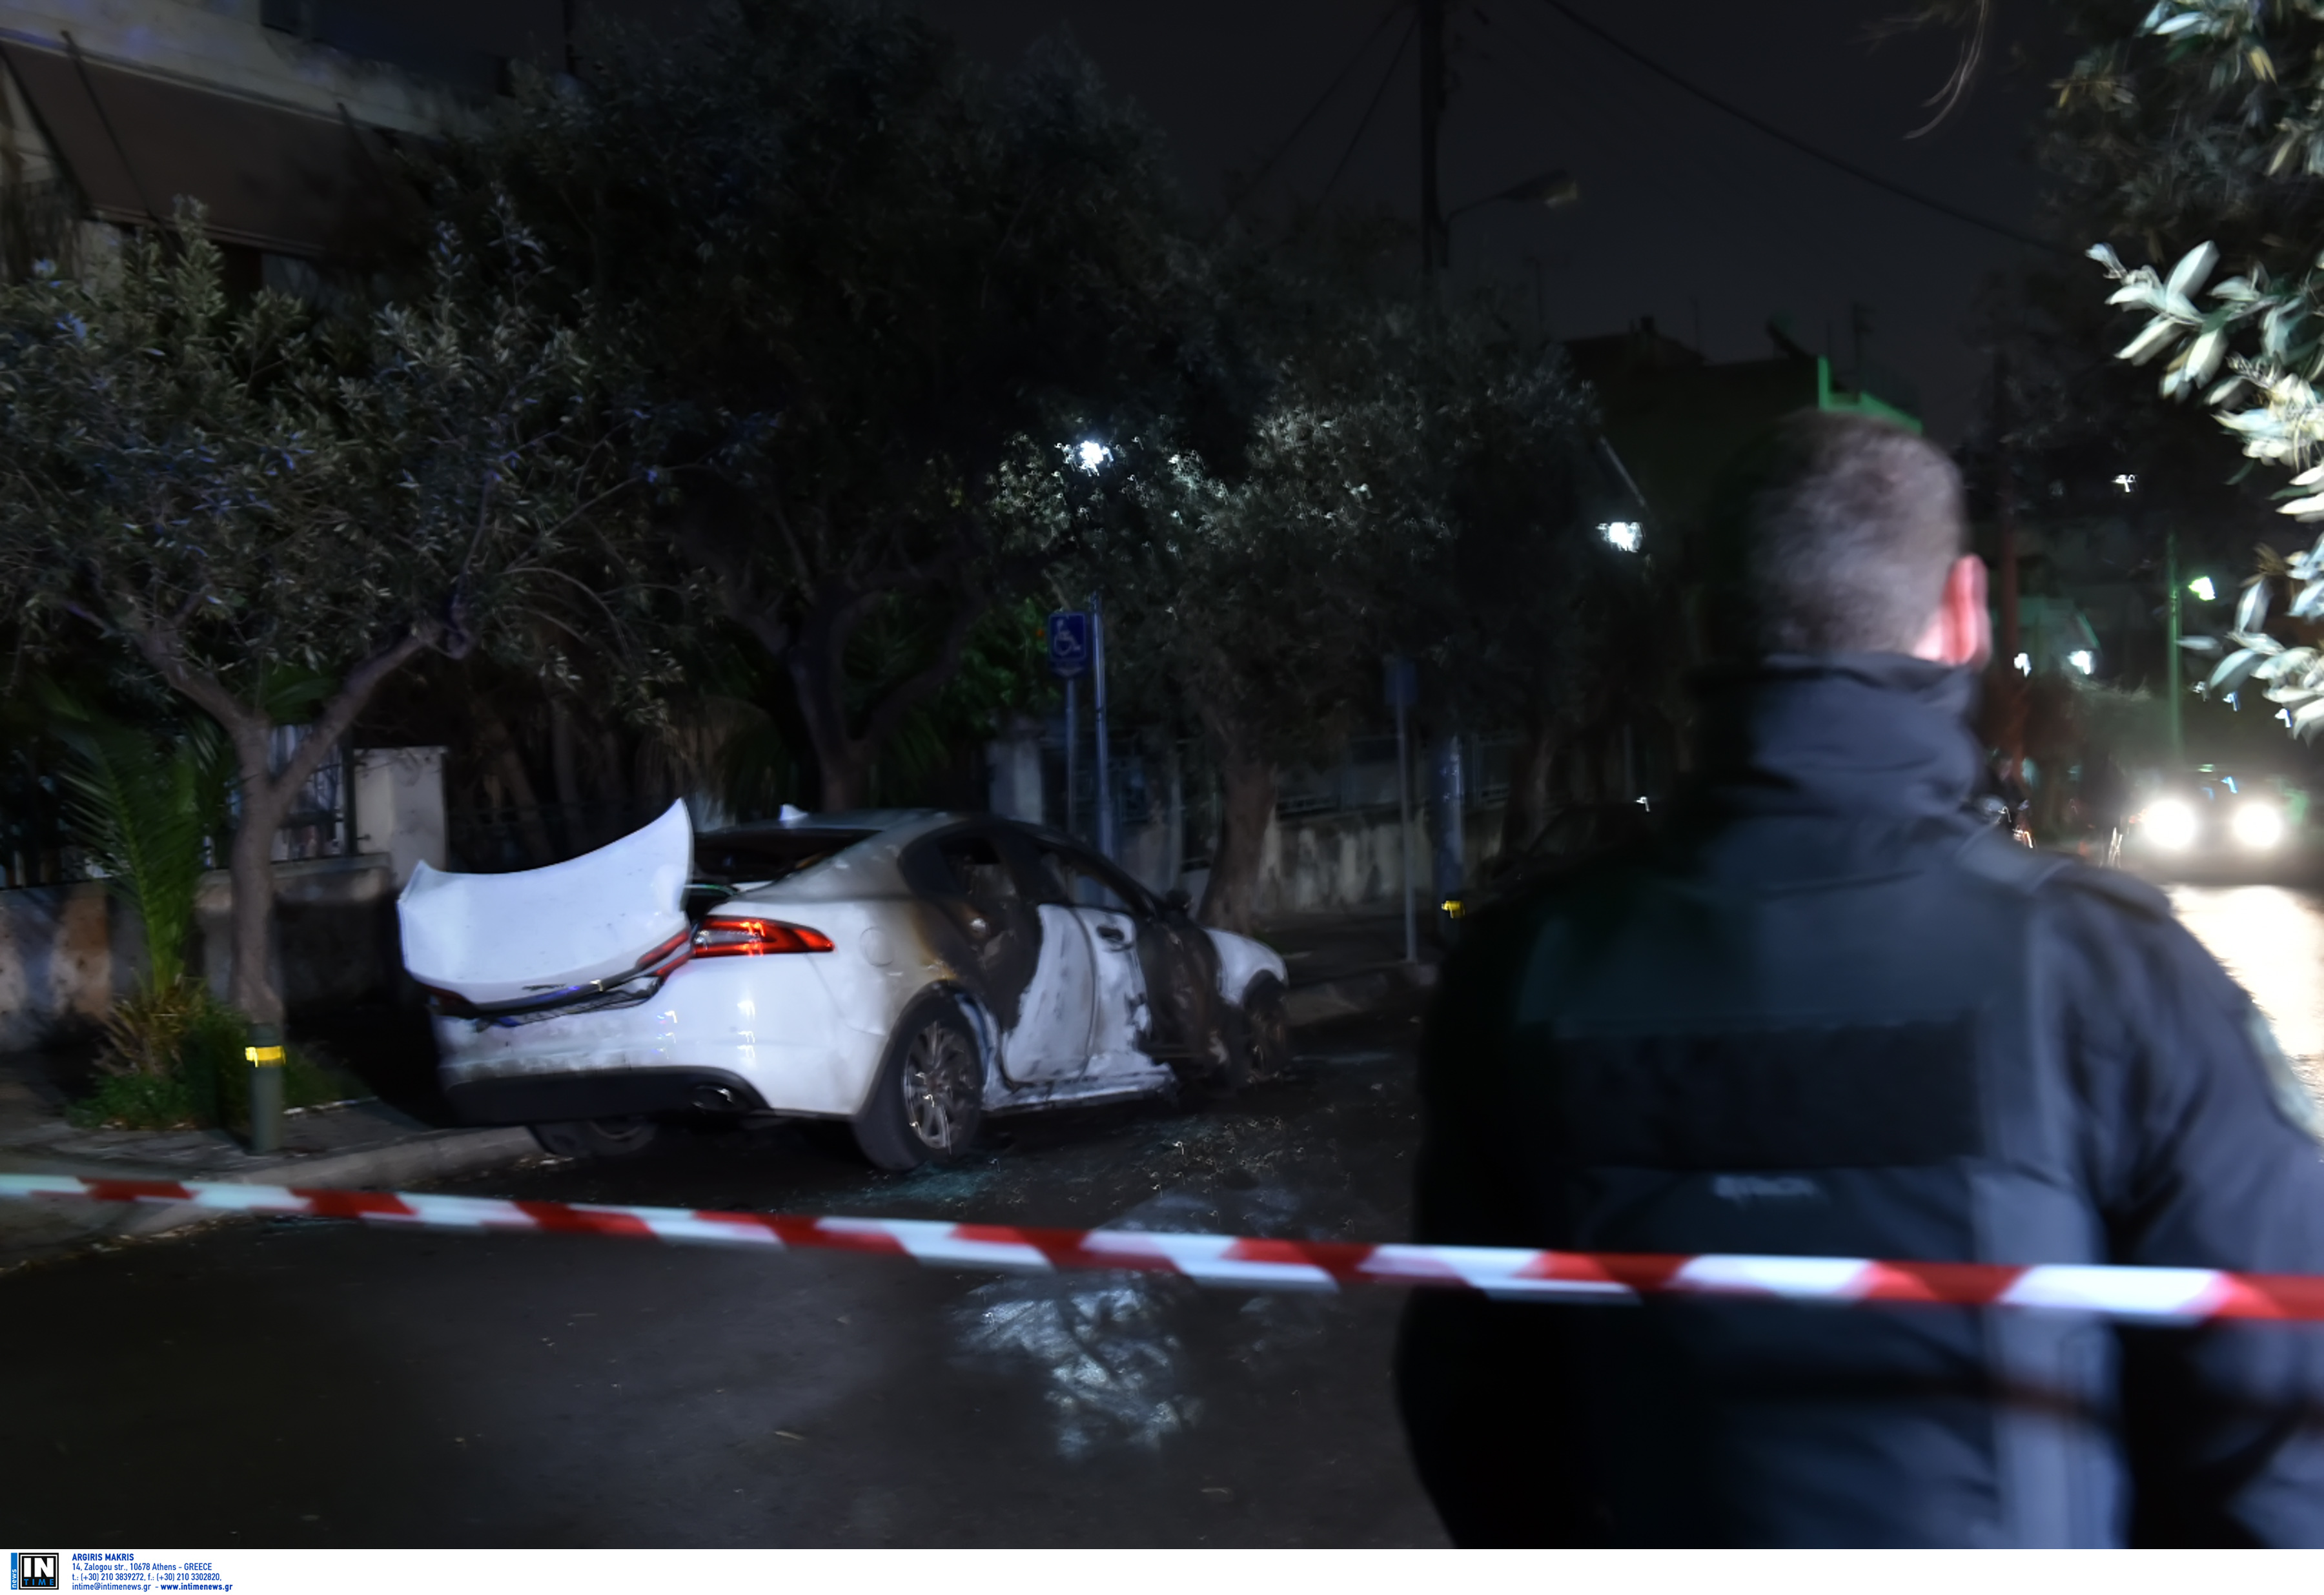 """Σοκαρισμένος ο εκδότης μετά την έκρηξη στο αυτοκίνητό του! """"Προφανώς ήξεραν που είμαστε"""""""